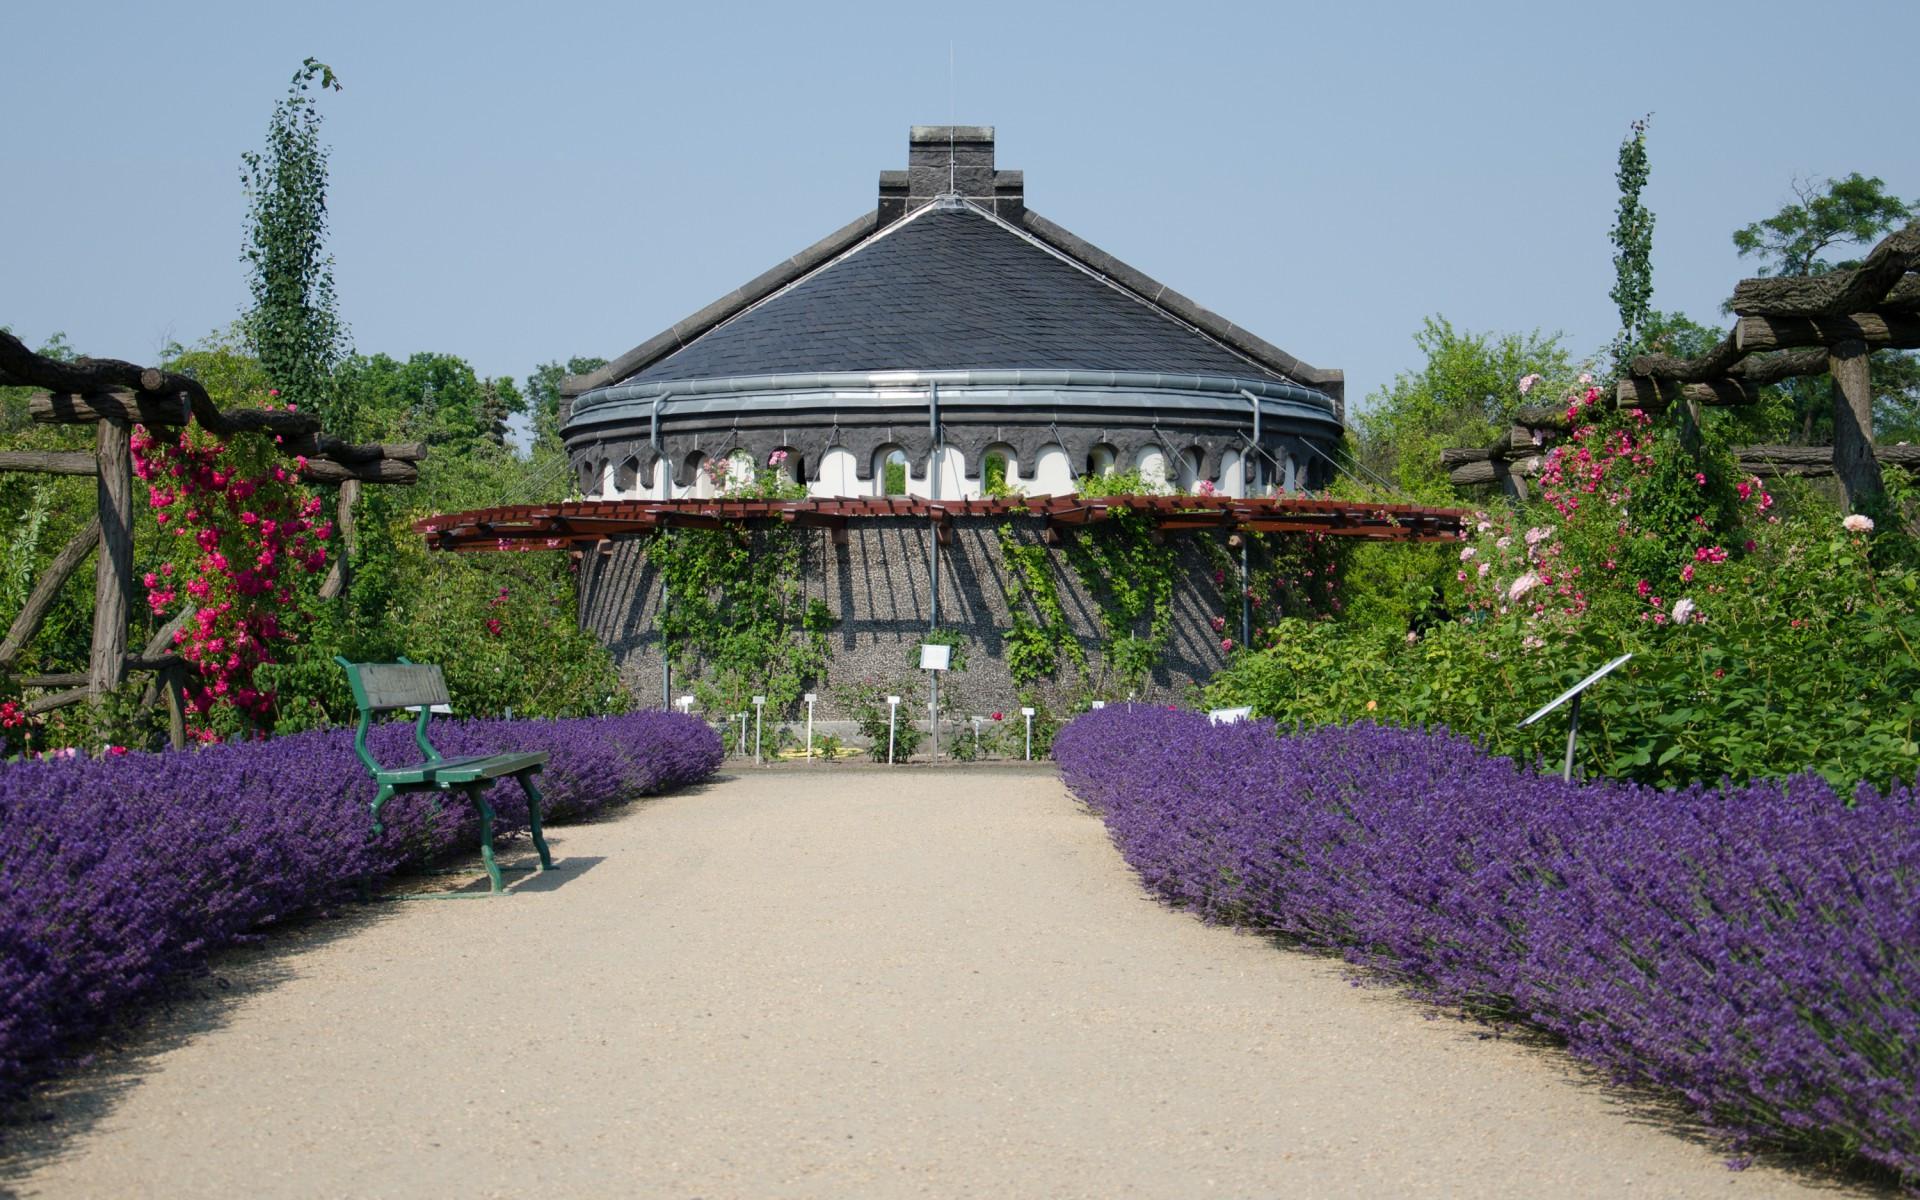 Garten Berlin  patio chihuly art ausstellung botanischer garten denver